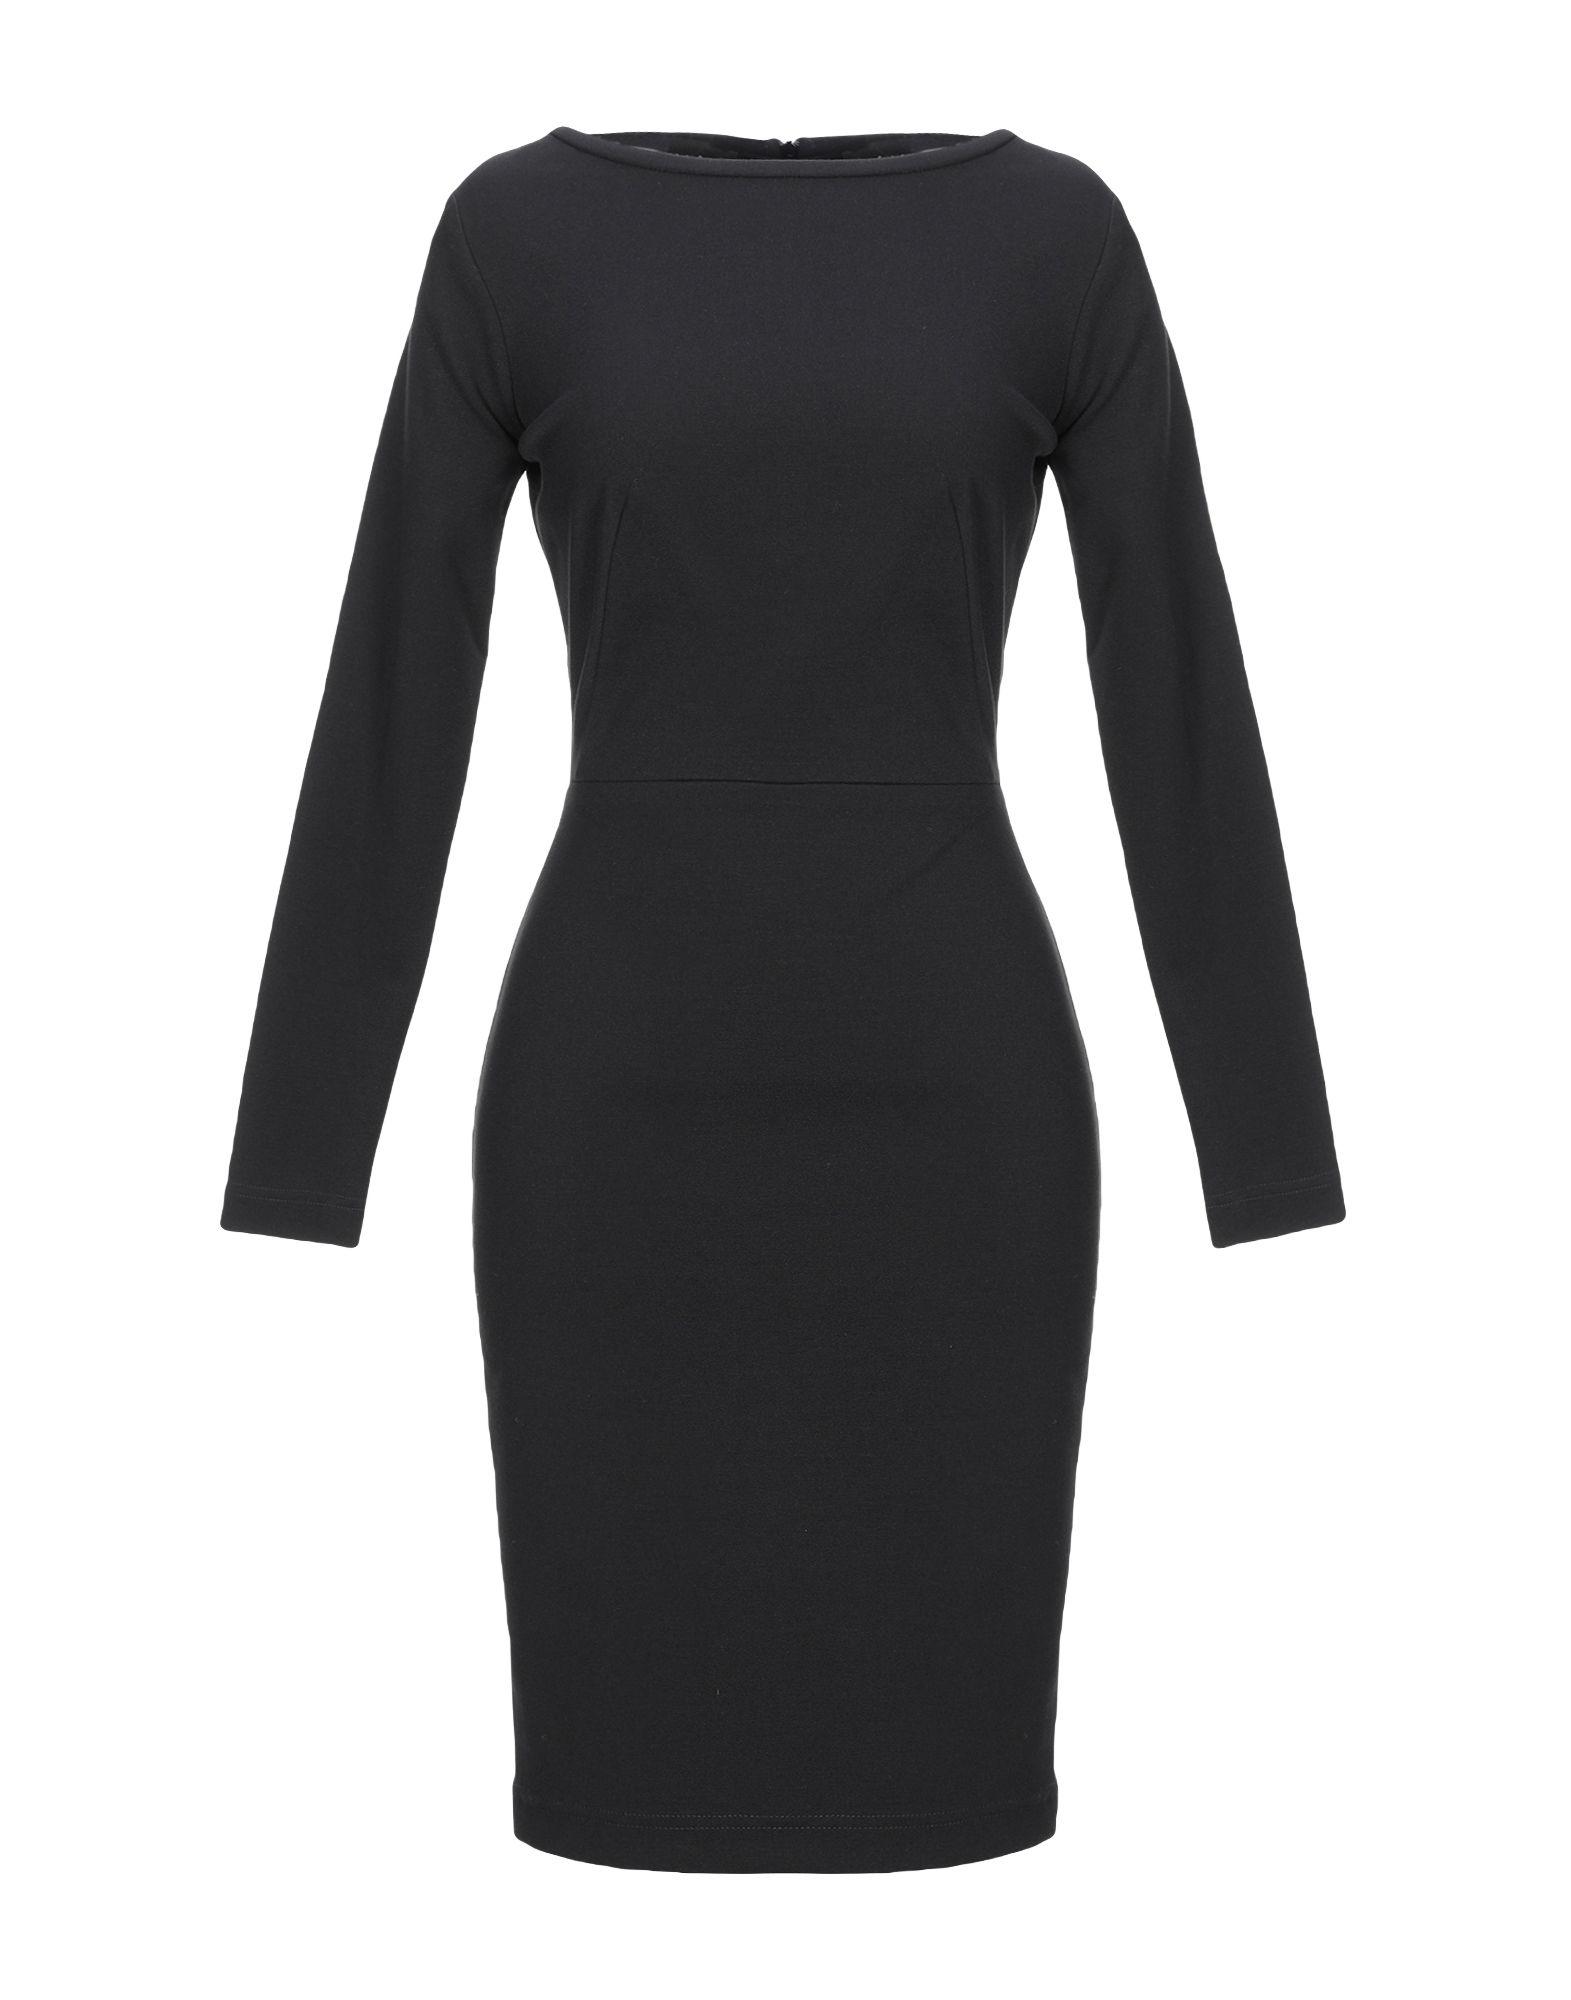 купить PAUL SMITH BLACK LABEL Короткое платье по цене 10750 рублей